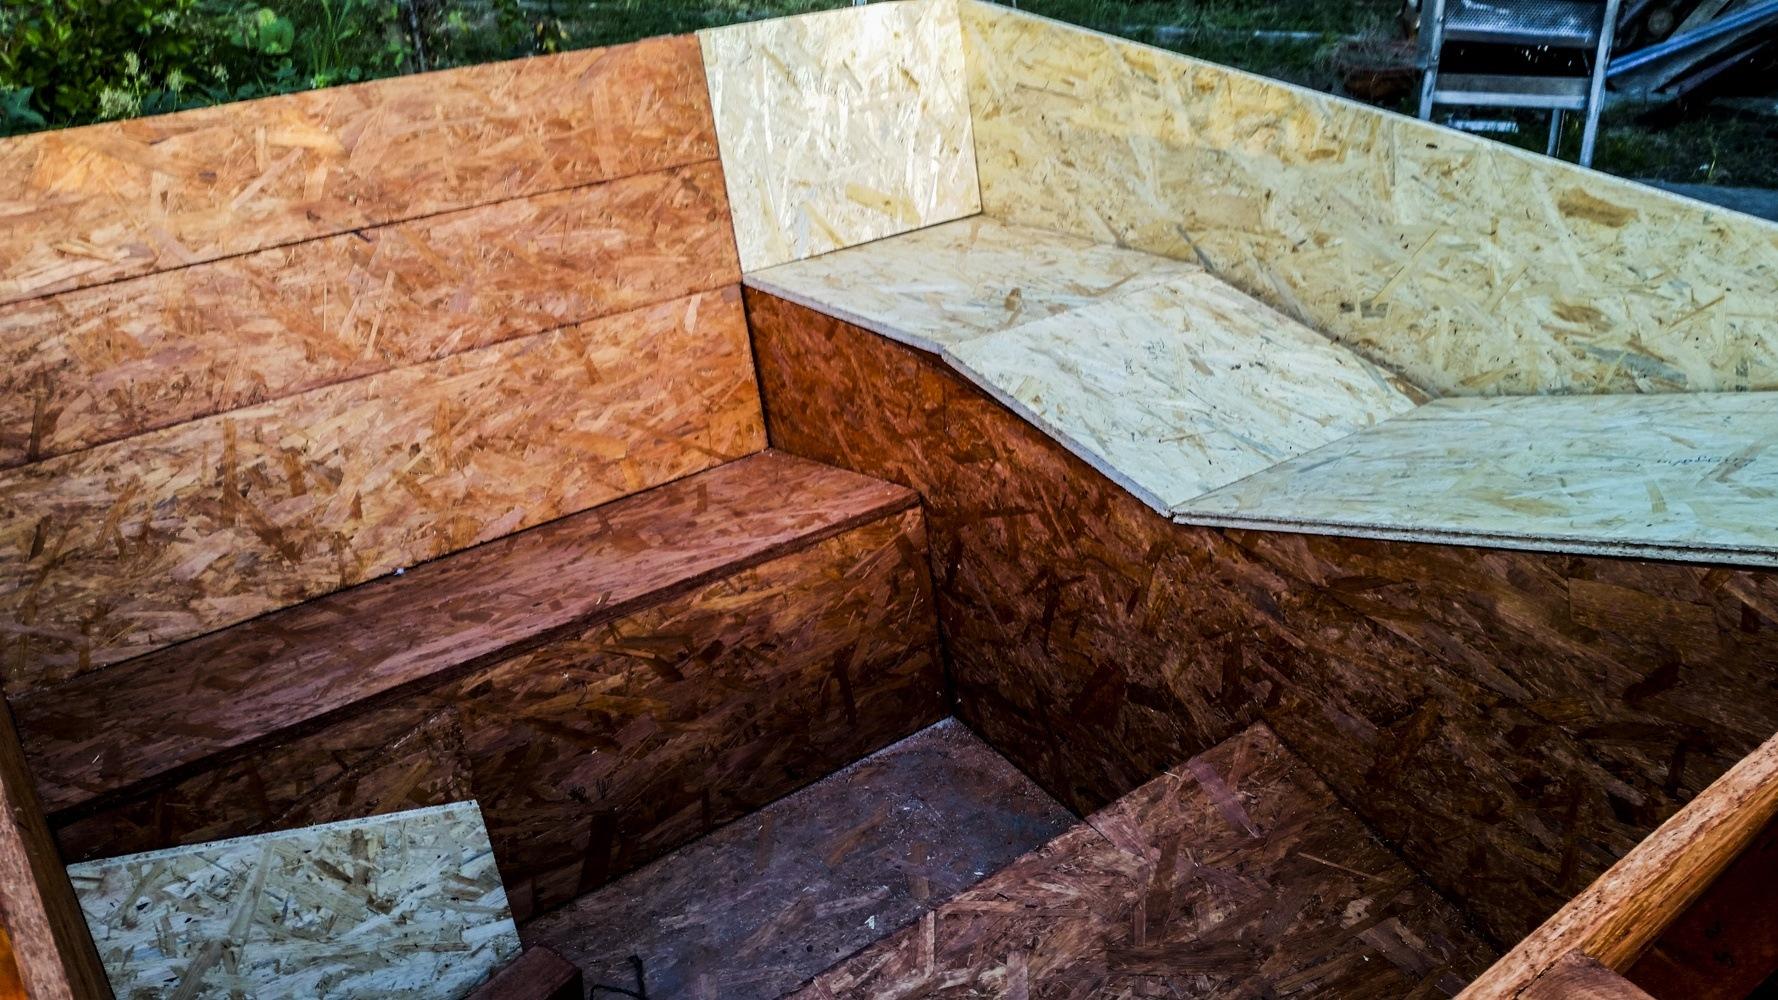 Whirlpool Im Garten Selber Bauen: Zuhause